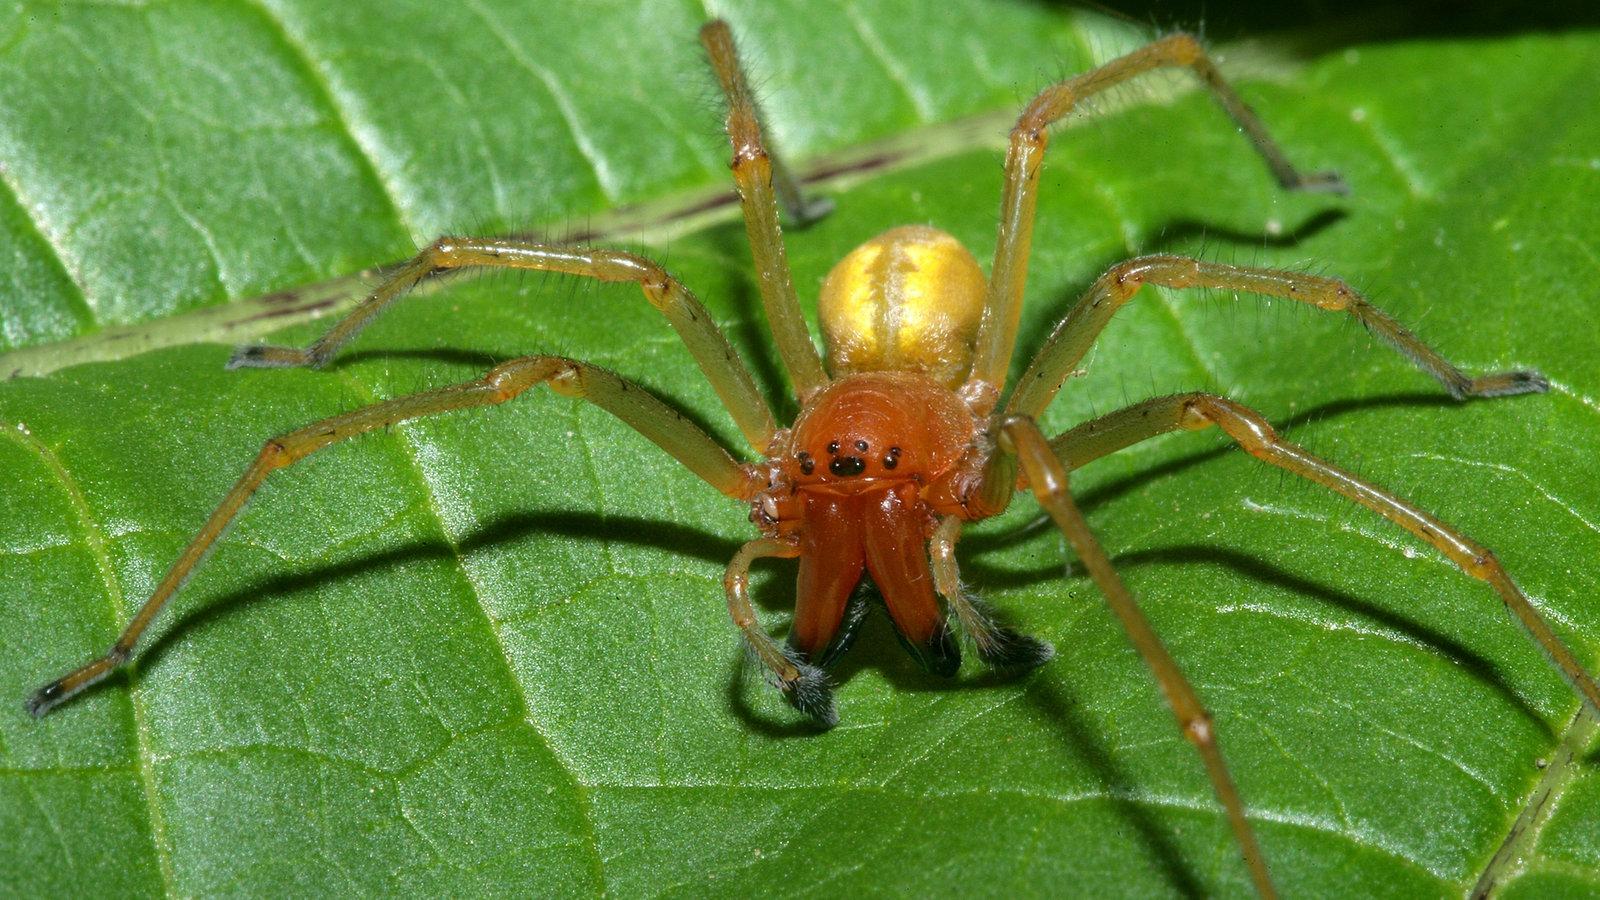 spinnen heimische spinnenarten spinnen insekten und. Black Bedroom Furniture Sets. Home Design Ideas